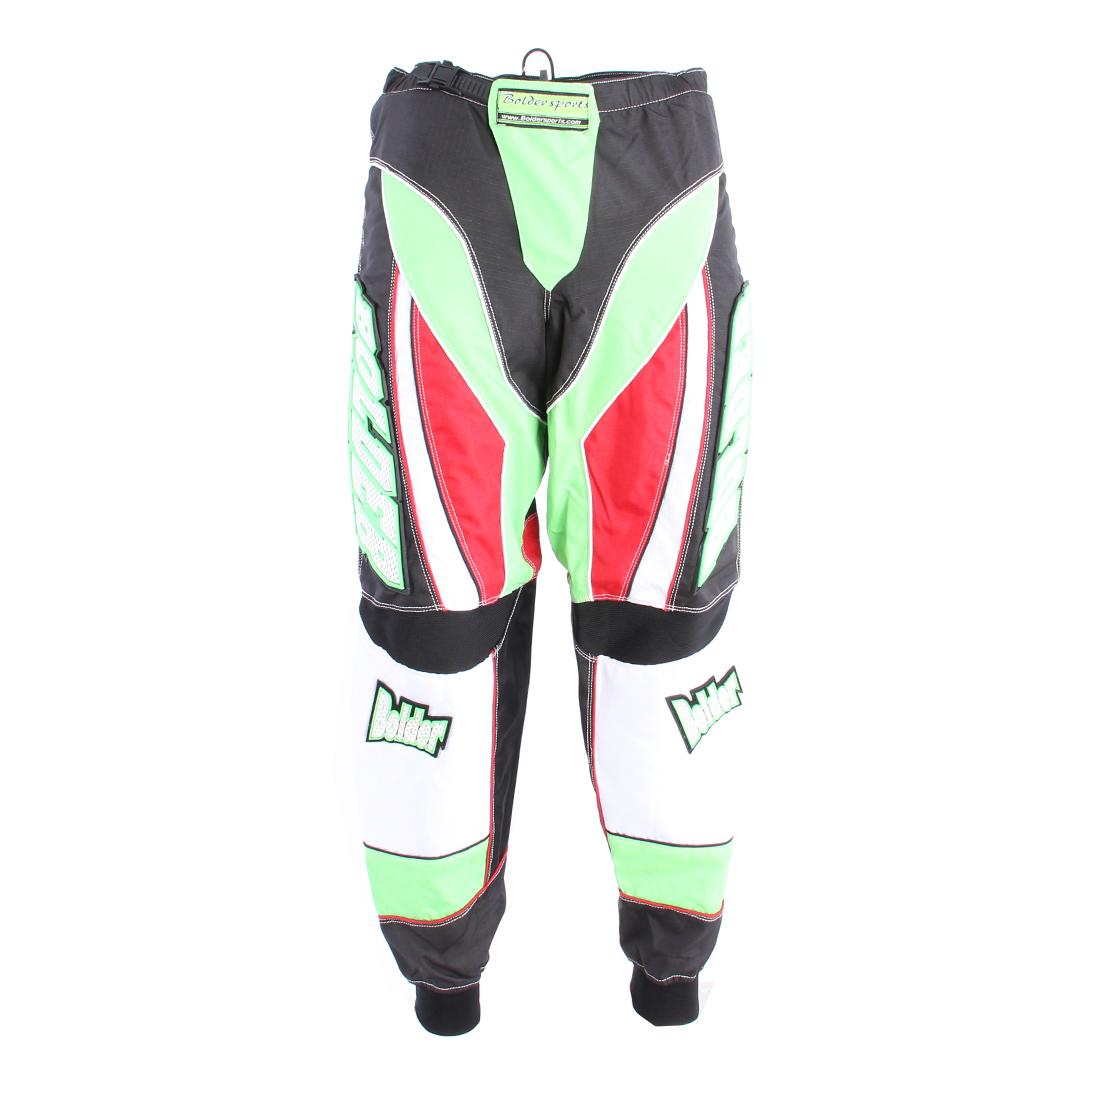 Kalhoty Motocross - Velikost: 36